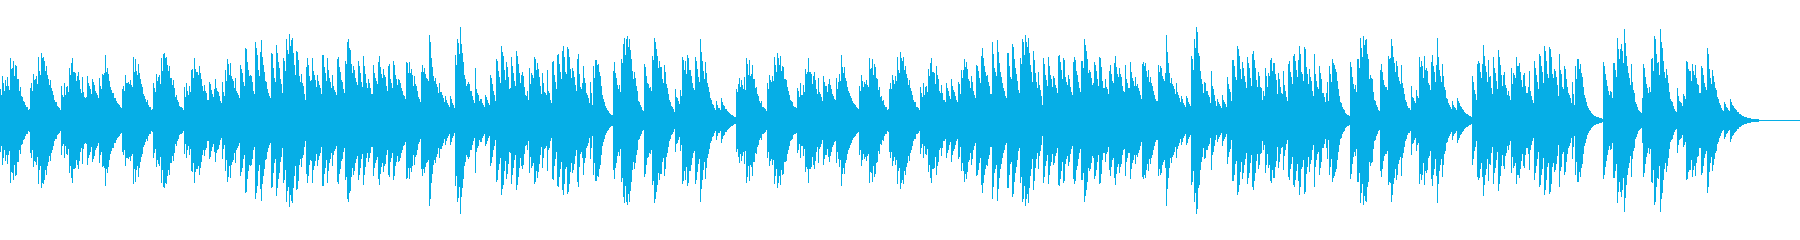 オルゴールのジブリ風切ないワルツの再生済みの波形